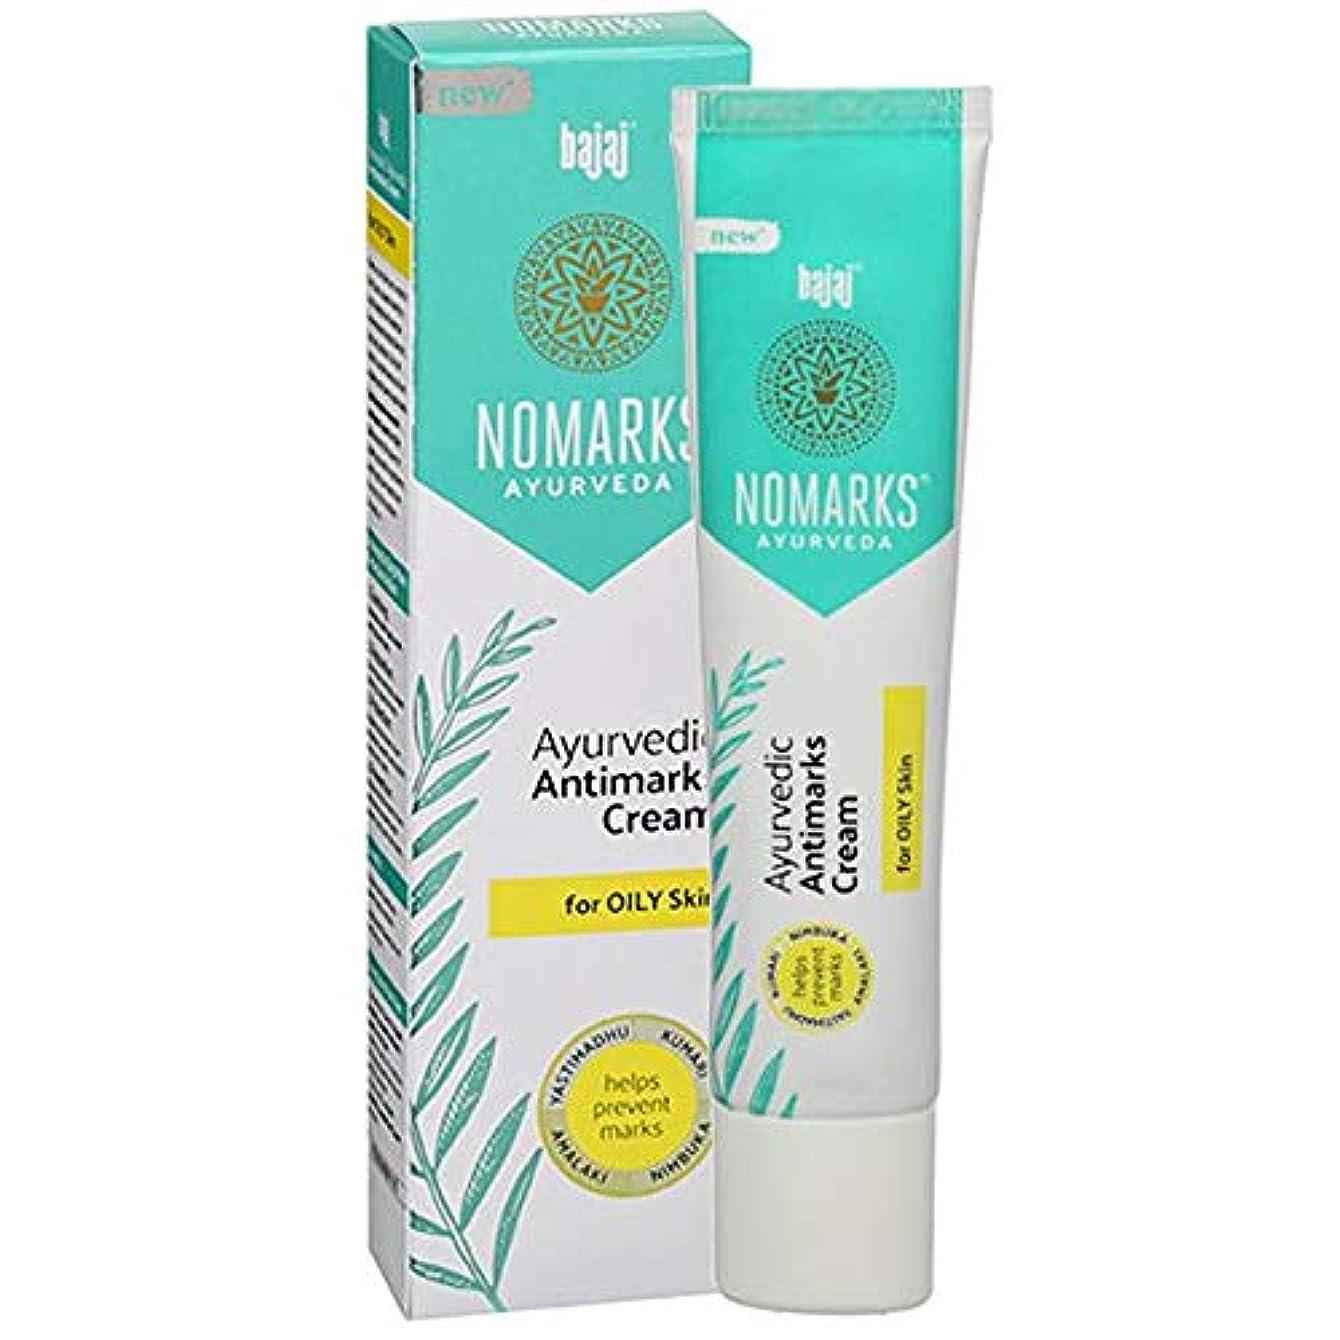 曲フィヨルド私のBajaj Nomarks For oily Skin For Pimple - Mark Free Glowing Fairness with Emblica Aloe & Lemonエンブリカアロエ&レモンマーク無料グローイング公平性 - にきびについてオイリースキンバジャジNomarks